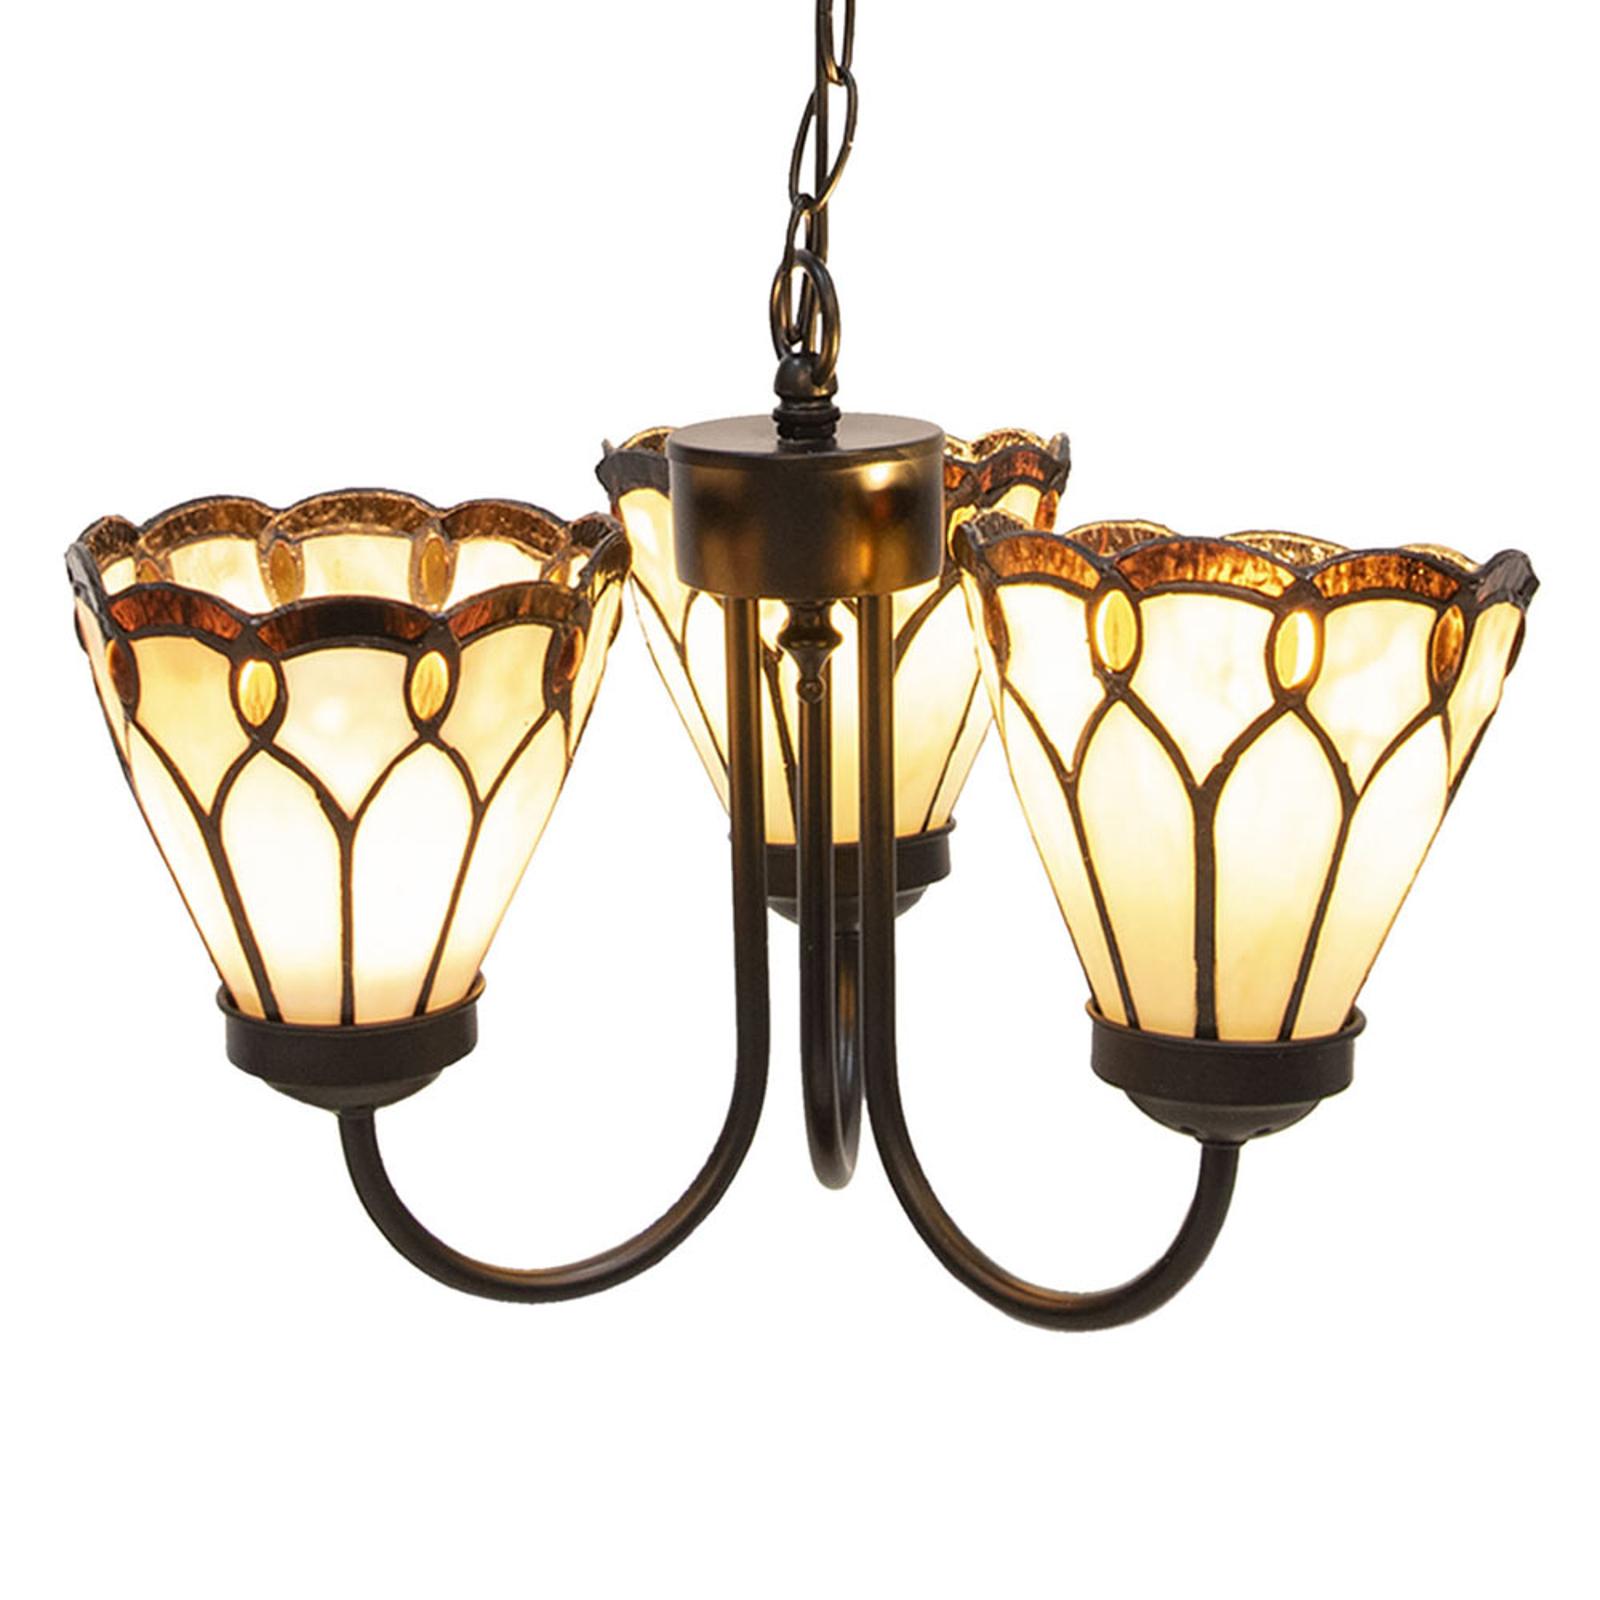 Lampa wisząca 5996 w stylu Tiffany, 3-punktowa